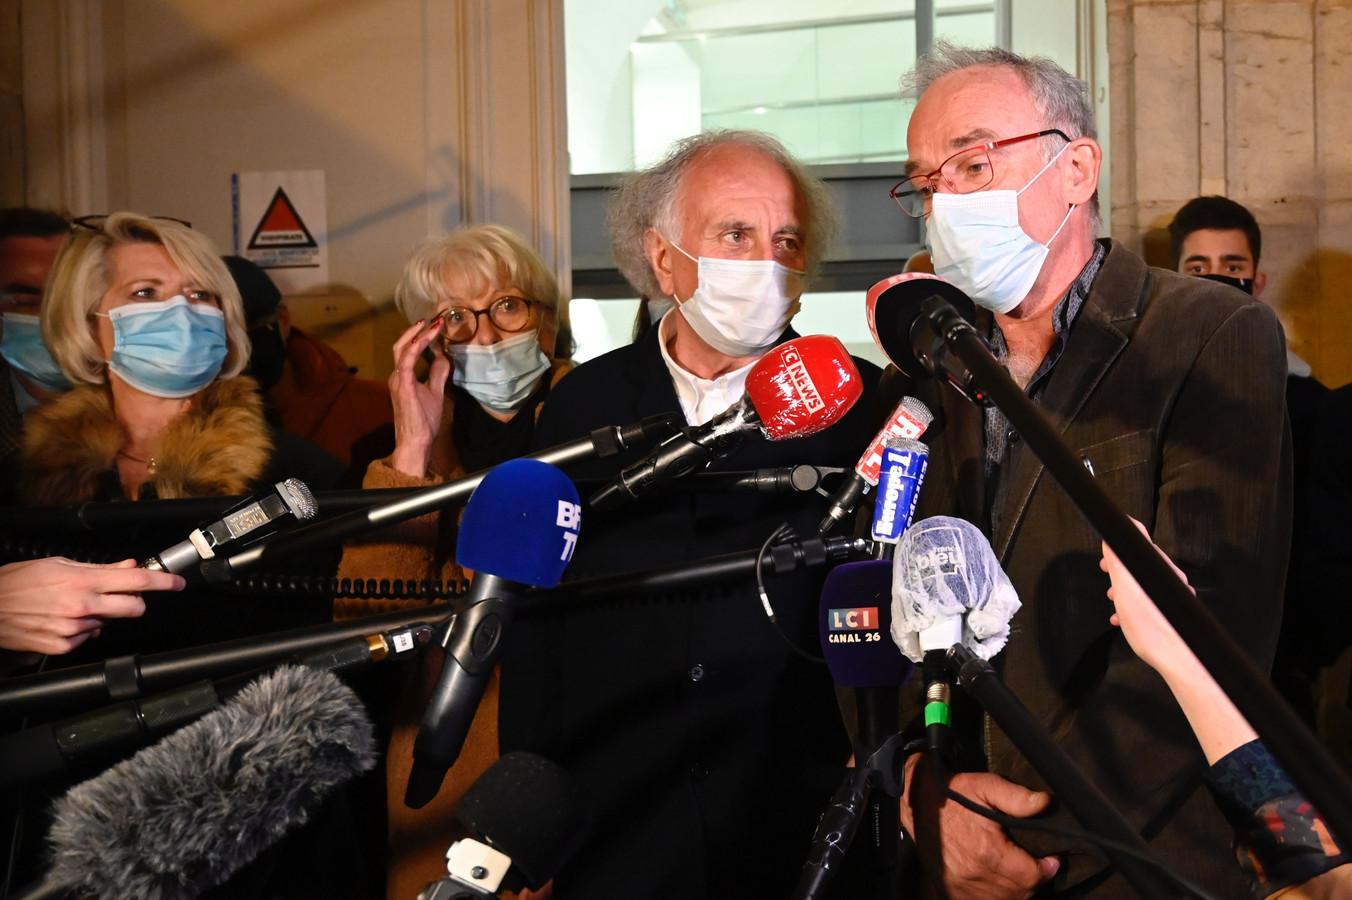 Isabelle (à l'extrême gauche) et Jean-Pierre Fouillot (à droite), les parents d'Alexia Daval